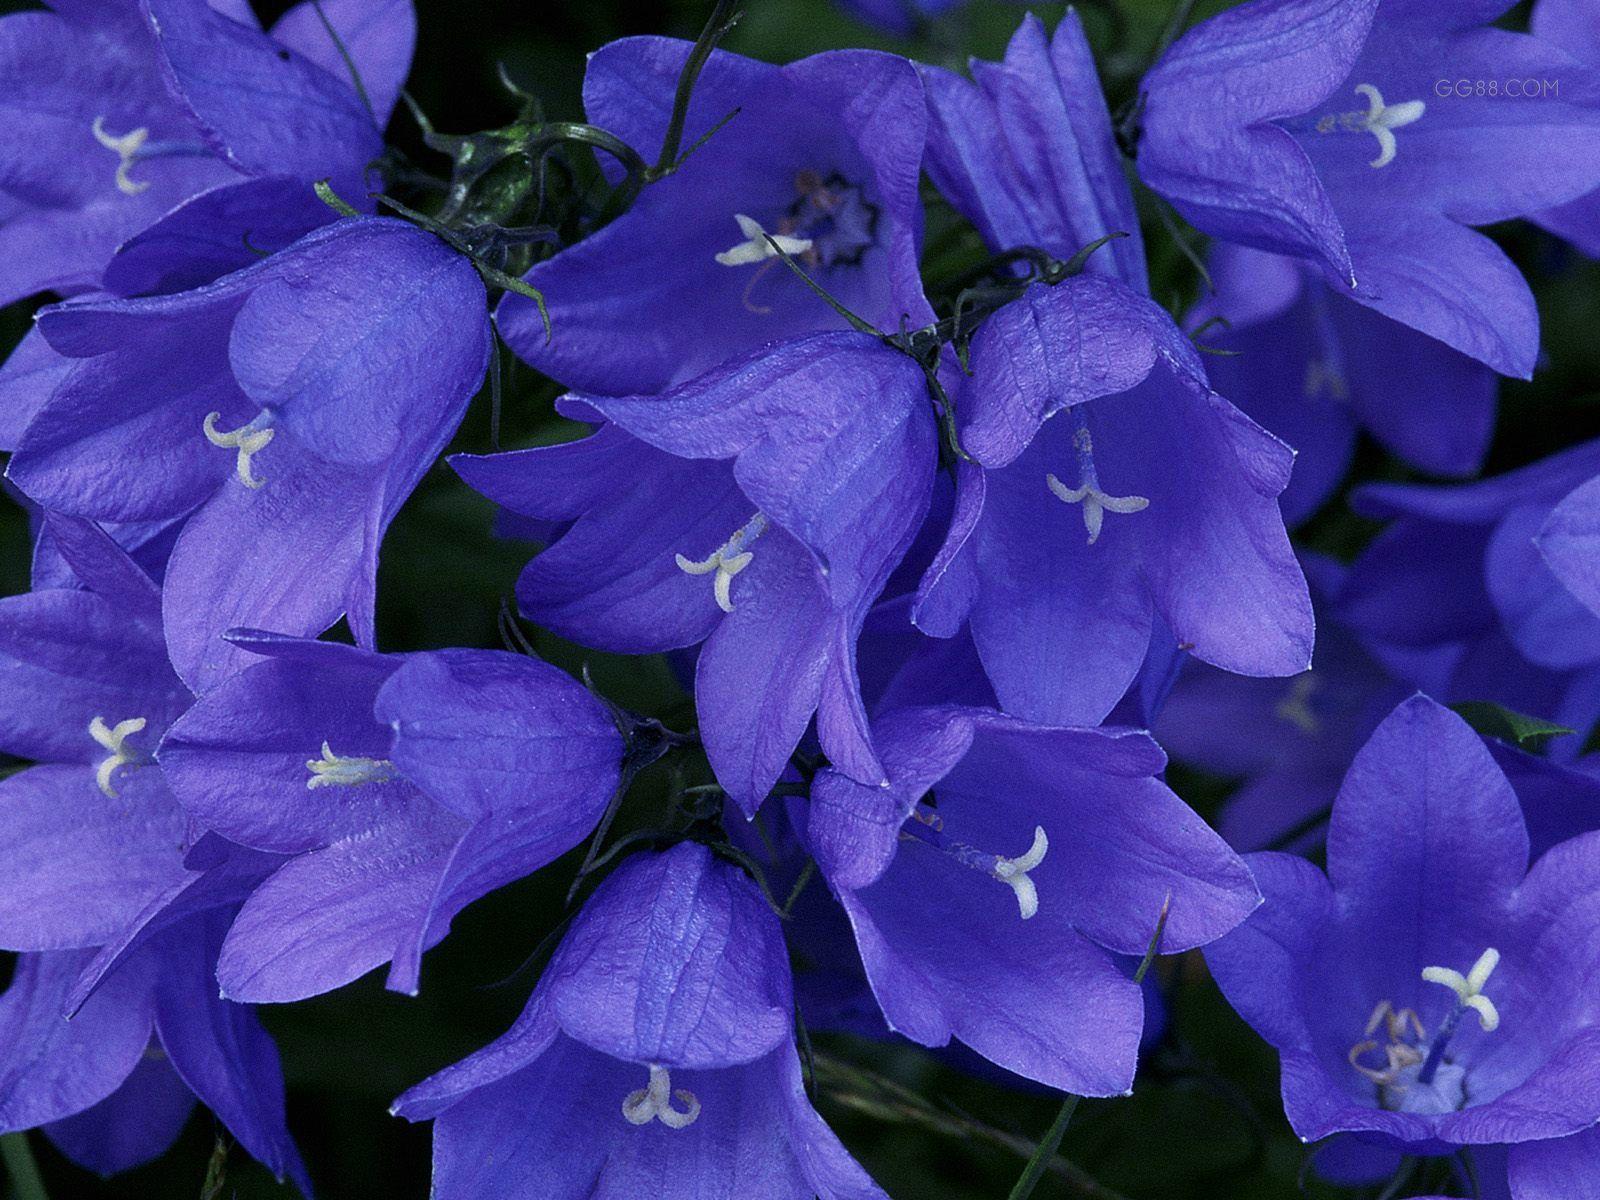 Bellflower Colorful Border Flower Blue Bell Flowers Purple Bell Flowers Flower Pictures